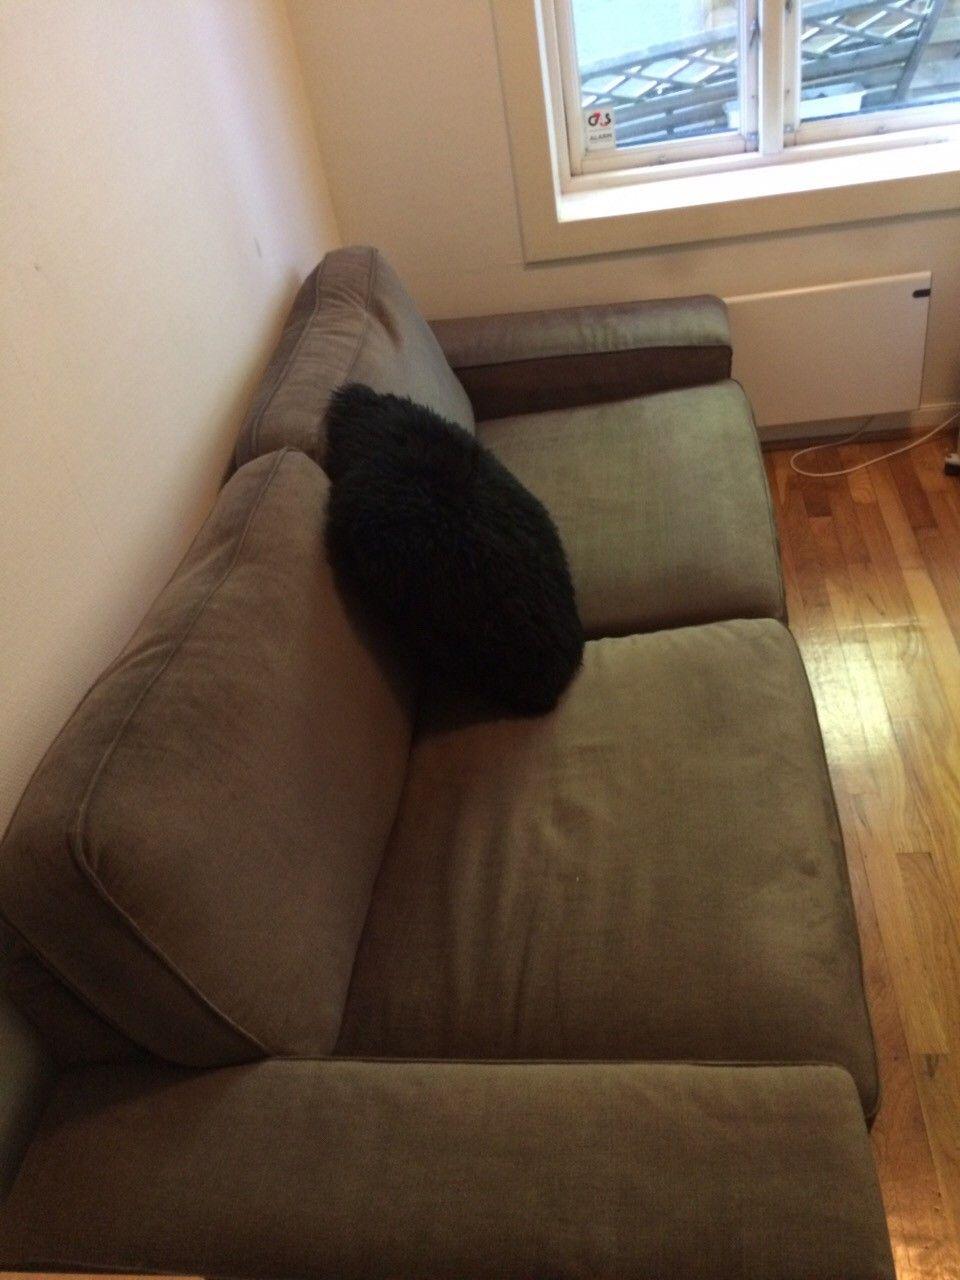 Sofa gis bort - Oslo  - Sofa gis bort mot at den blir hentet. En fin sofa som er god å sitte i som jeg dessverre ikke har plass til. Den er ca 220cm lang og 90 bred. Ønsket hentet så fort som mulig. Første mann til mølla. Henvendelser på mail vil ikke bli besvart. - Oslo